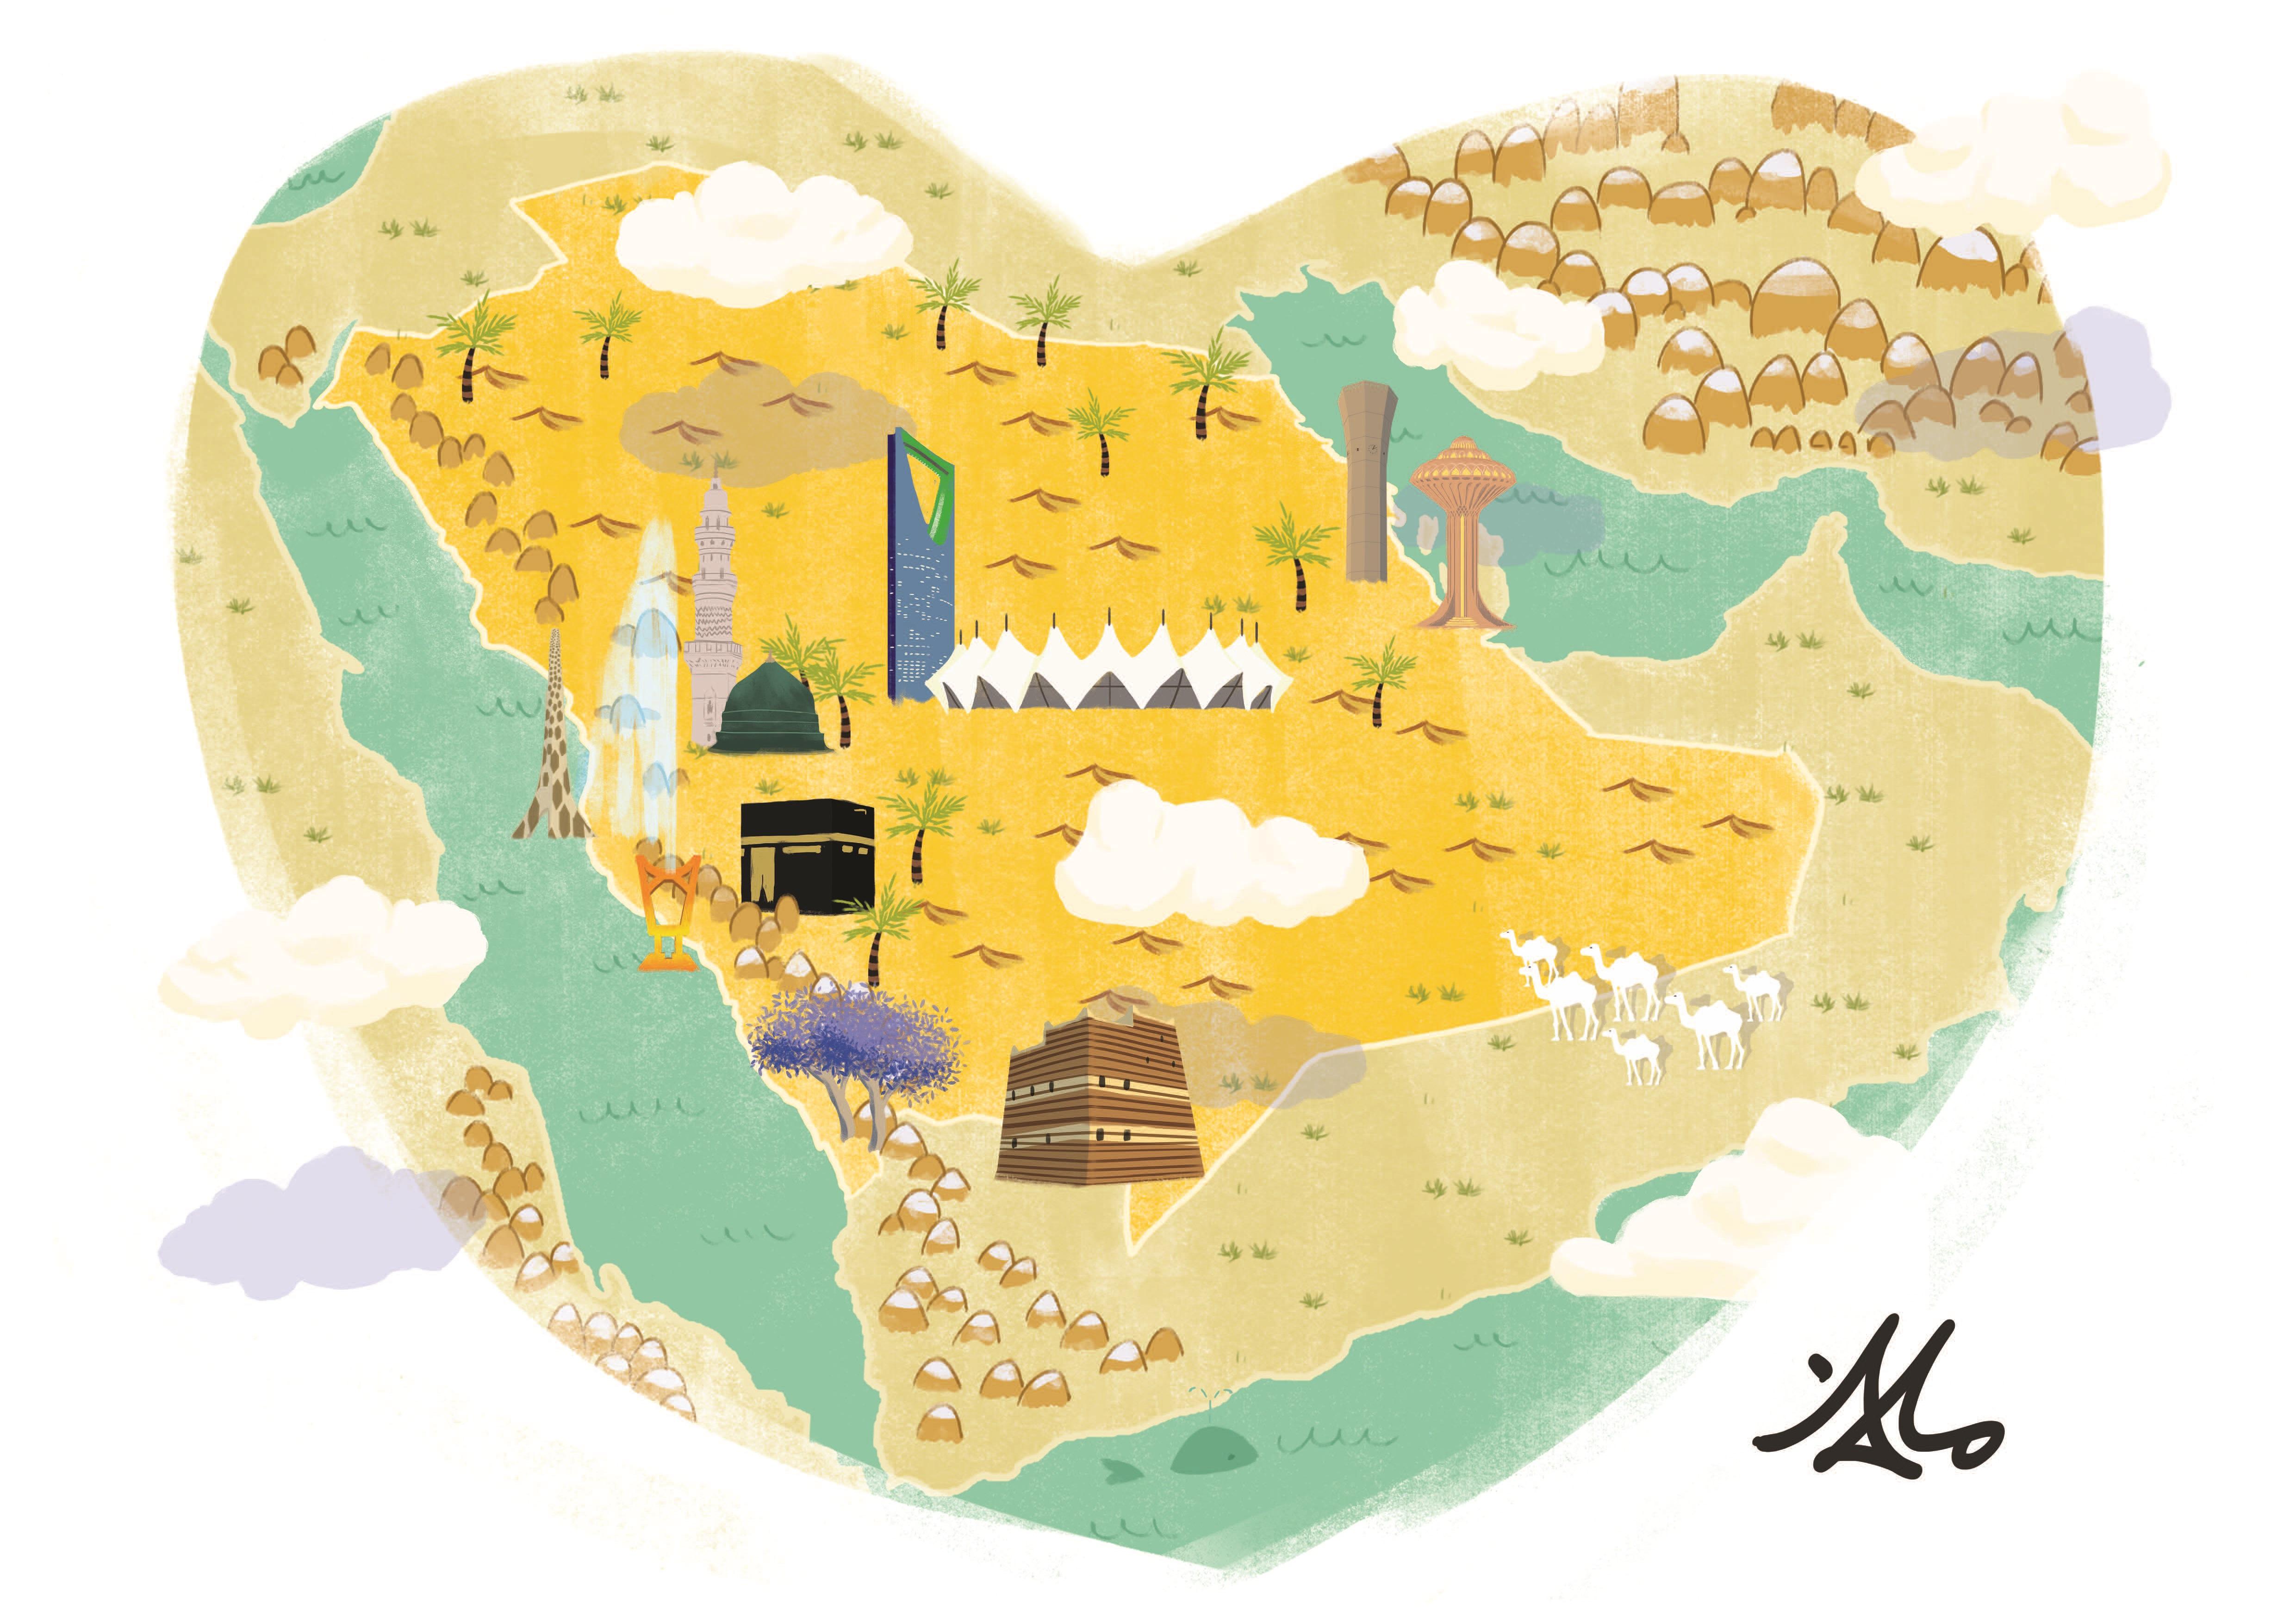 2016 Maan Ashgar - Welcome to Saudi Arabia